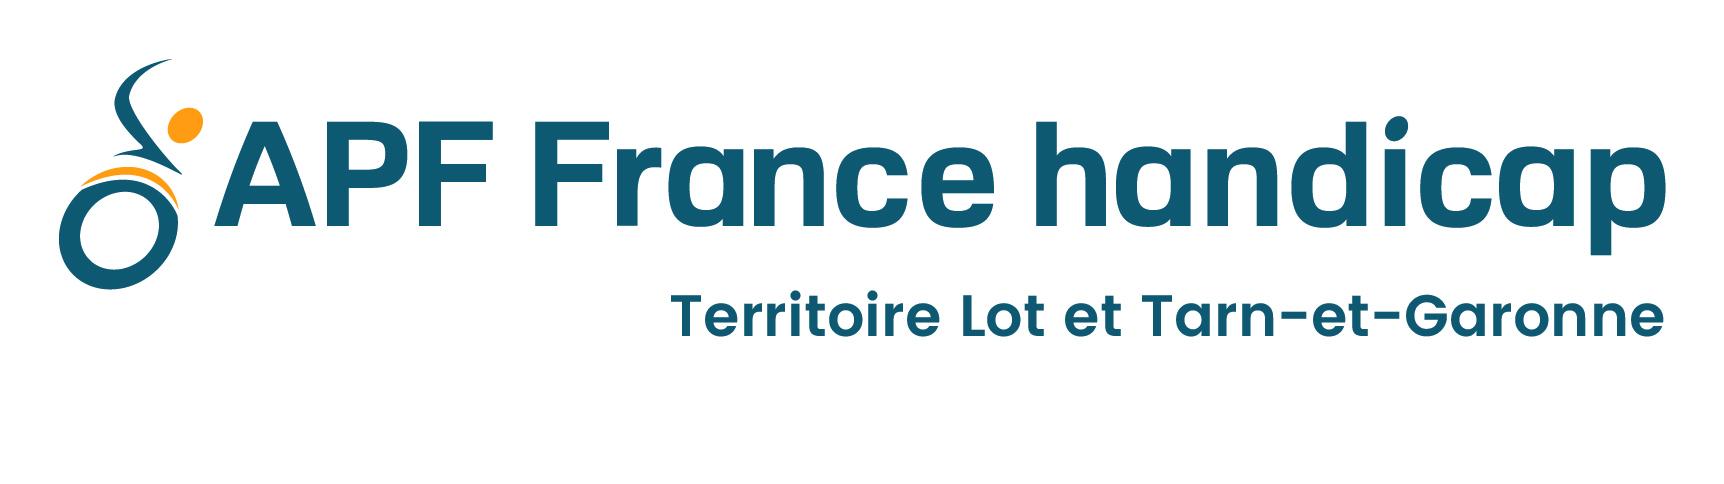 APF France handicap 46-82